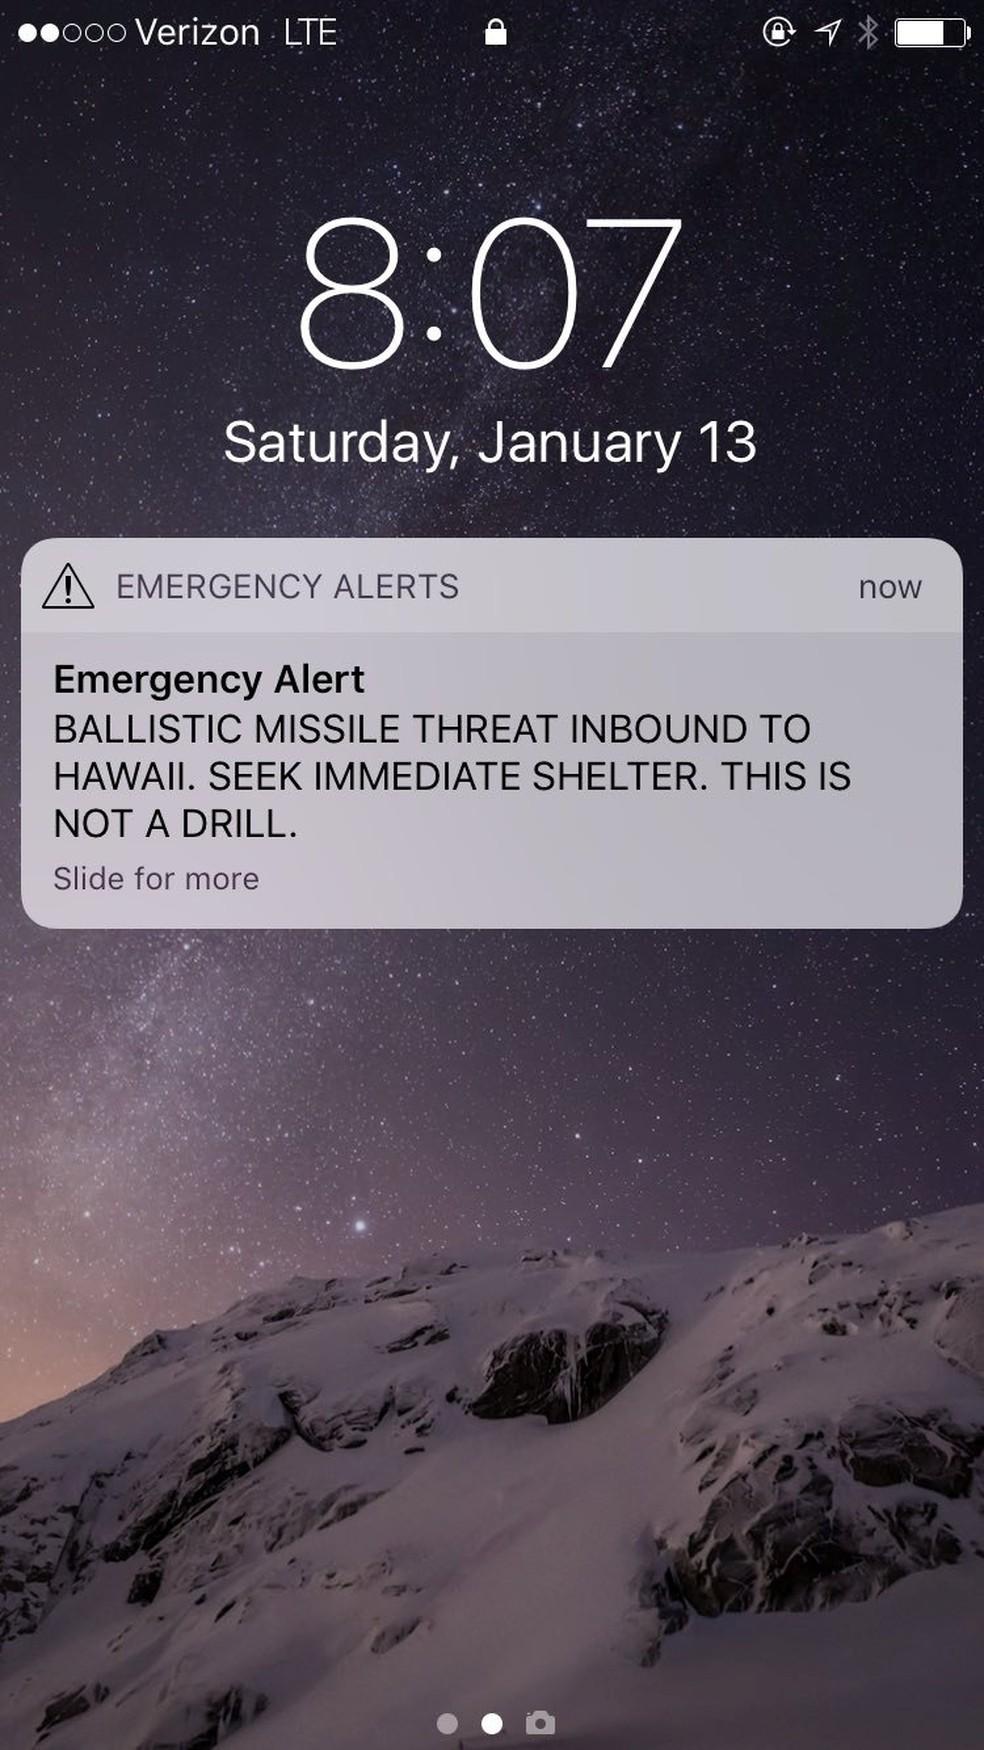 Falso altera de míssil enviado aos moradores do Havaí no último sábado (Foto: Tulsi Gabbard/via REUTERS )